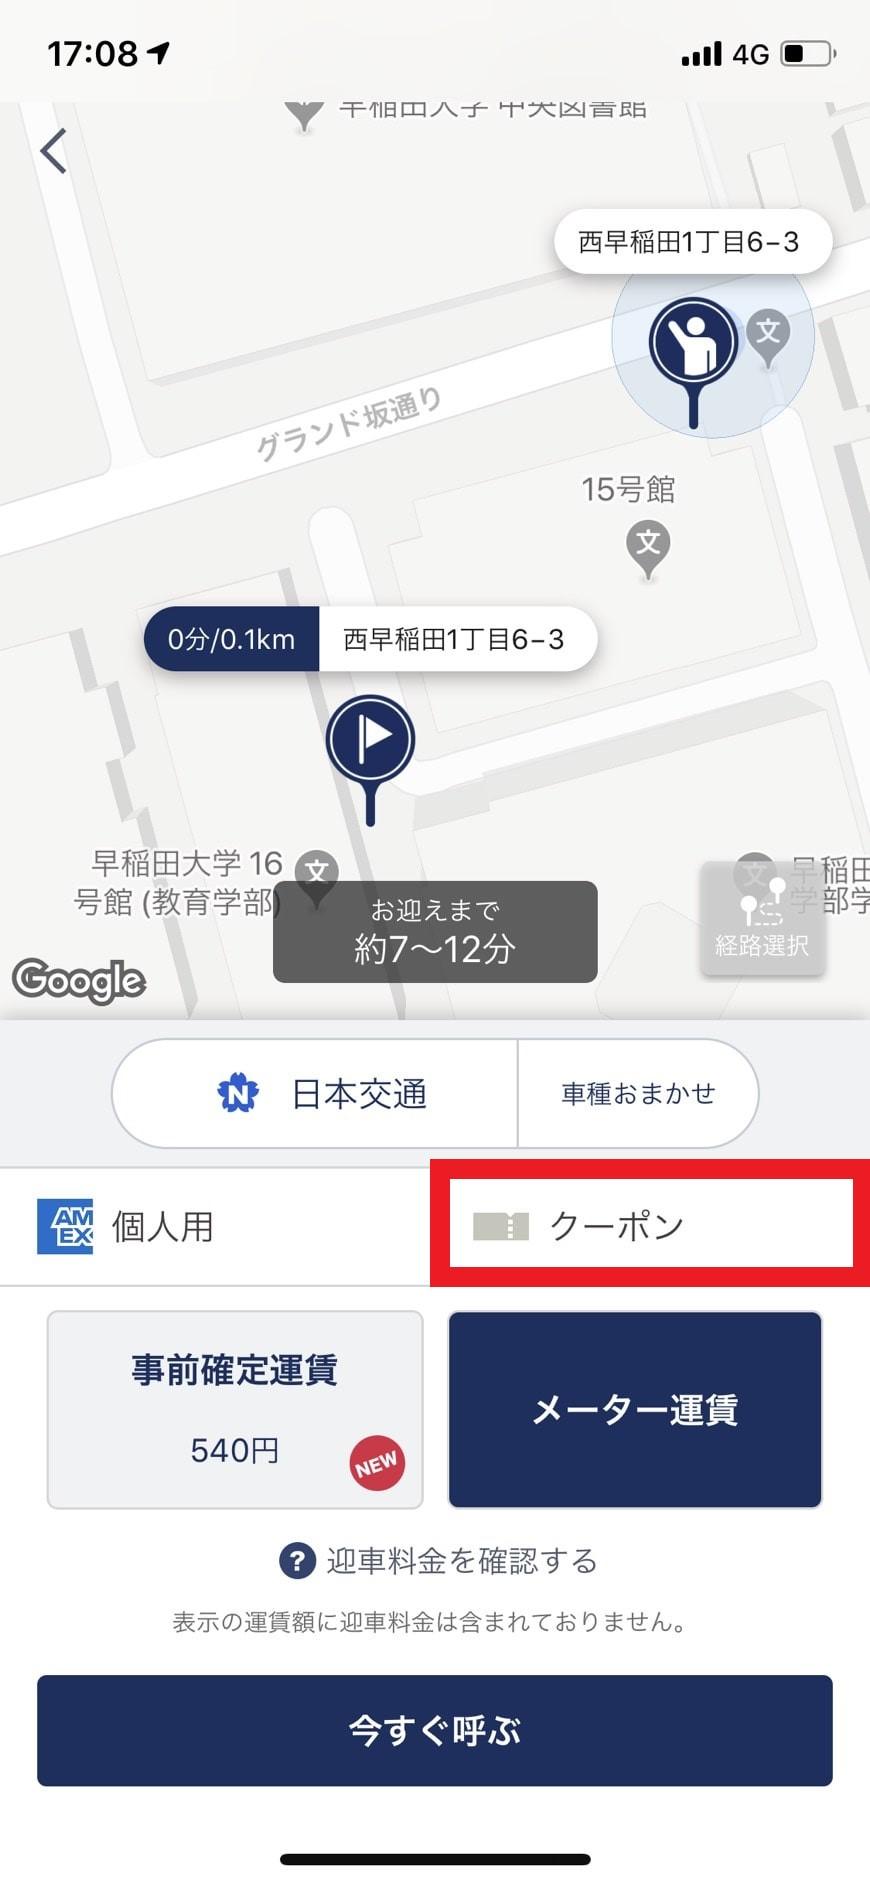 JapanTaxiのクーポンを使う